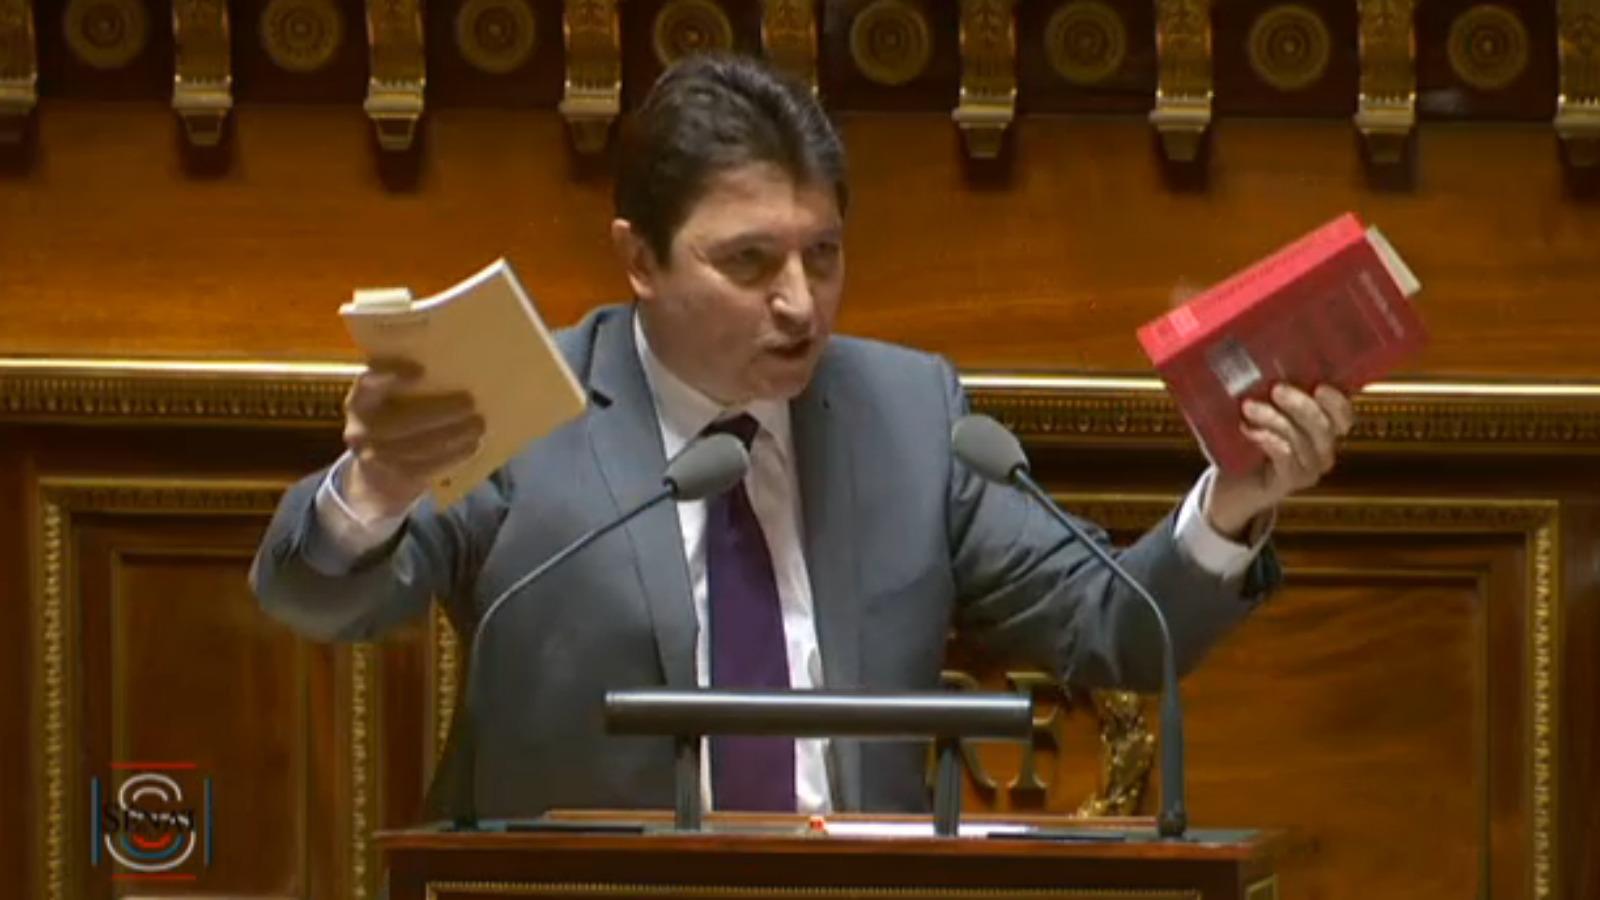 """""""Chaque matin, 180 000 compatriotes quittent la France pour aller travailler en Suisse. Ils quittent ce code du travail au profit de celui-ci ! Si nous parvenons à faire ressembler le premier au second, nous aurons commis un choc de simplification !"""" (Olivier Cadic - Sénat - 13.06.2016)"""